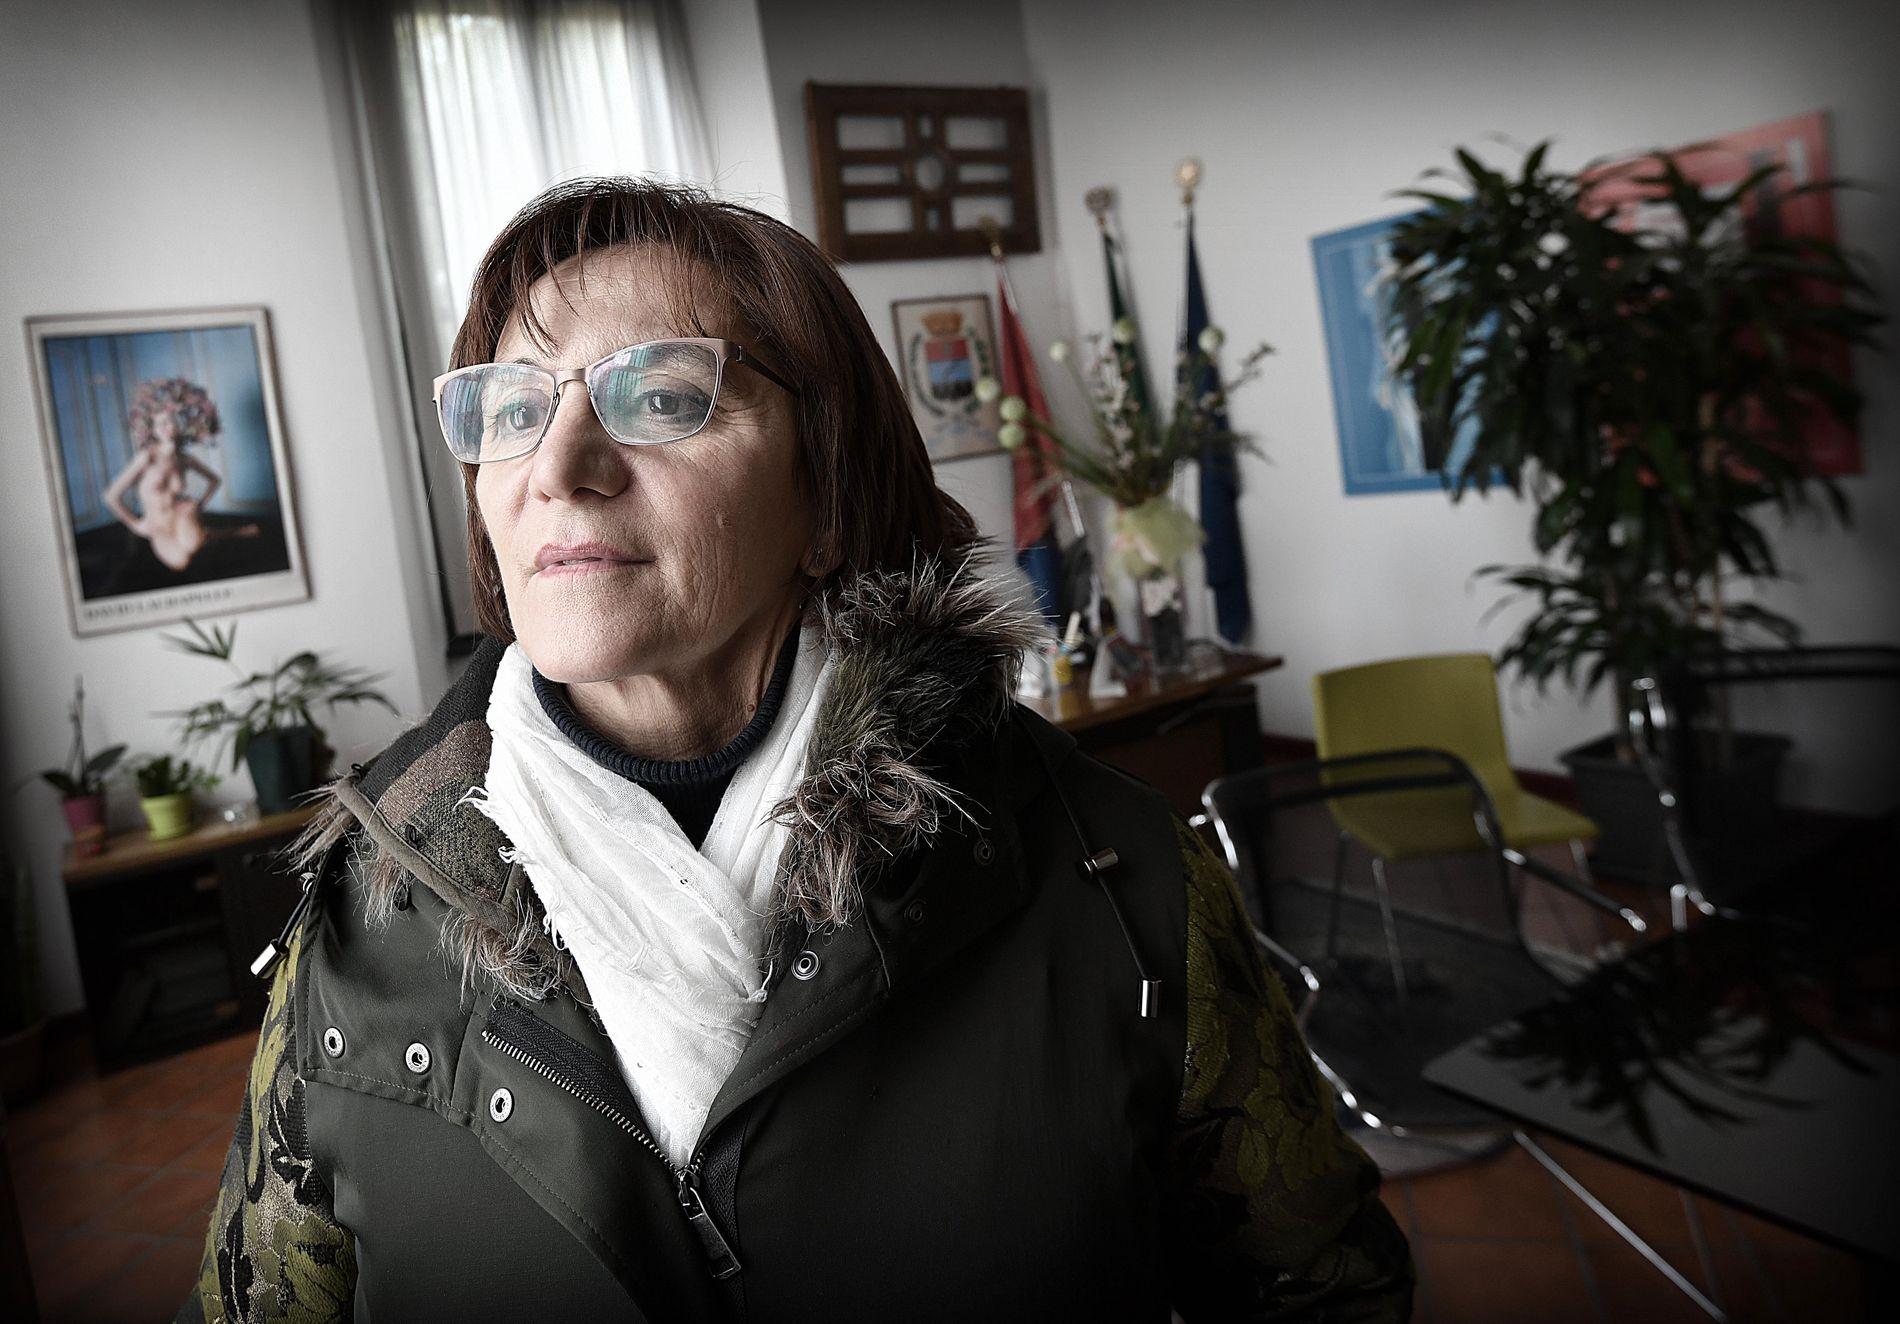 INGEN BUNGA-BUNGA: Arcores ordfører Rosalba Colombo (60) har besøkt Berlusconi i villaen, men understreker at det var en «offisiell visitt».